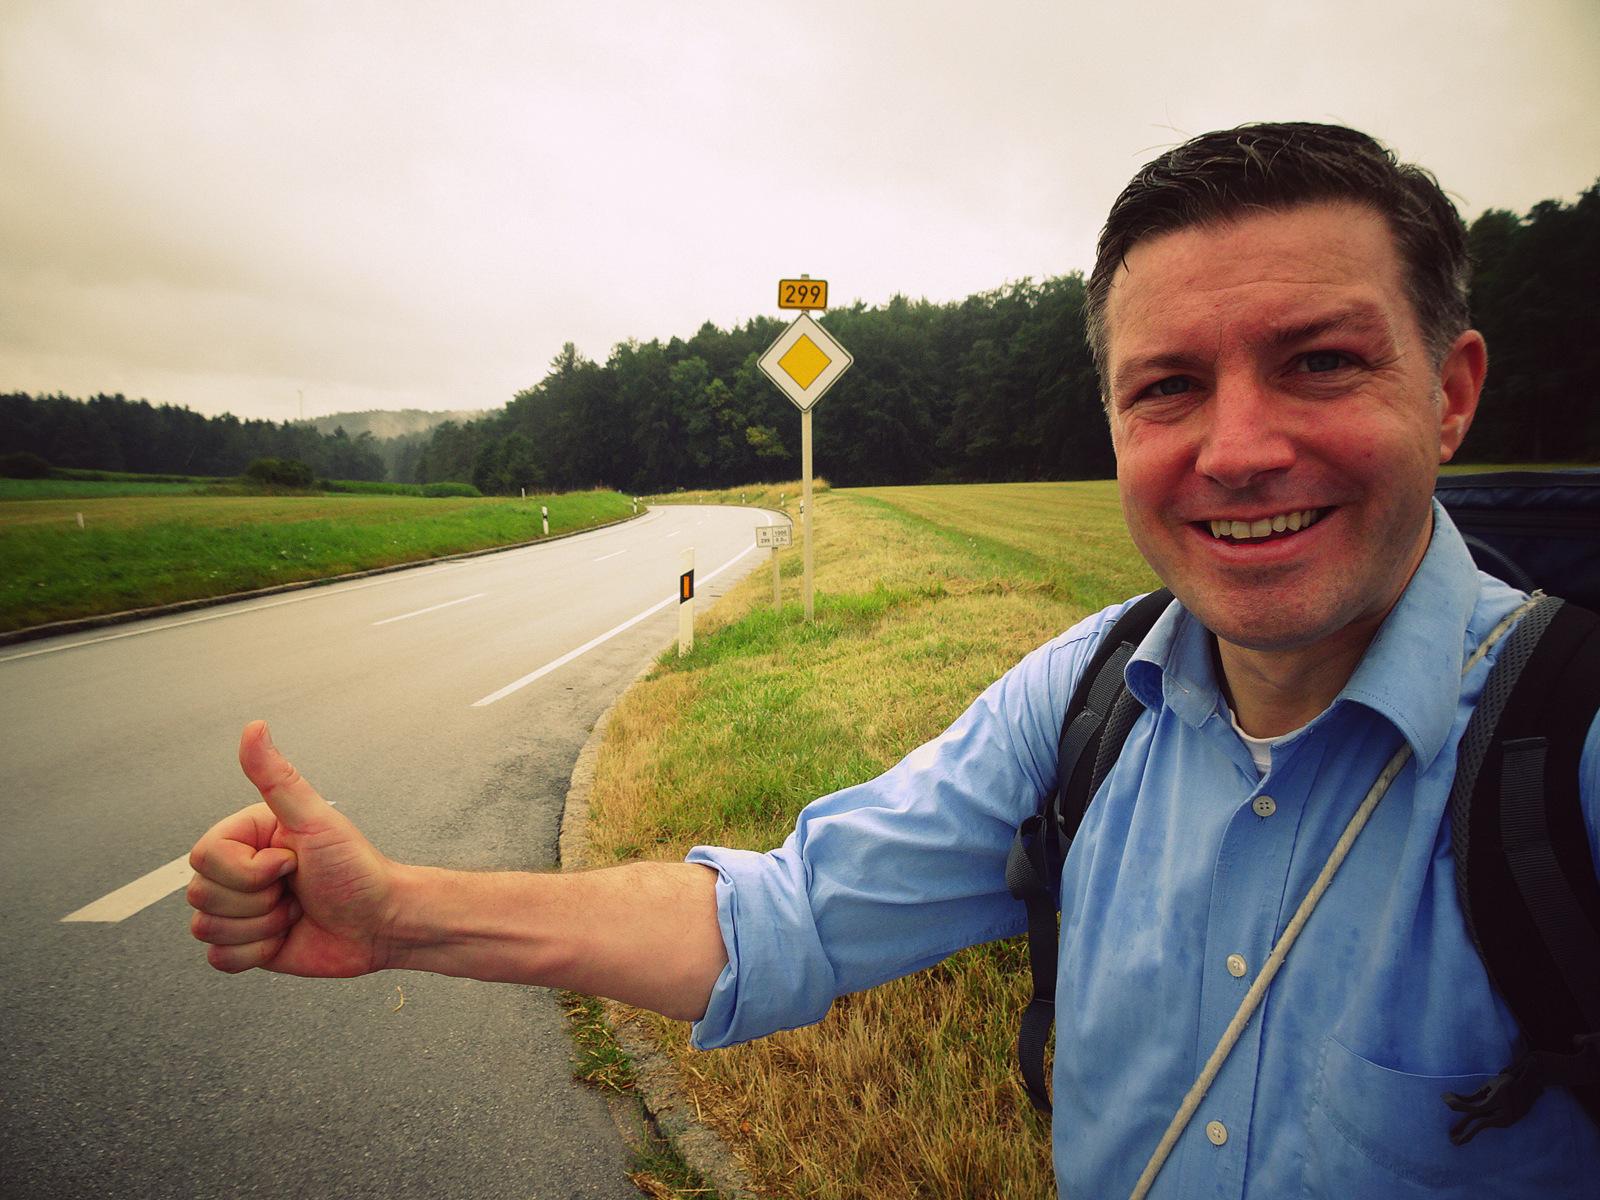 Andreas Moser hitchhiking B299